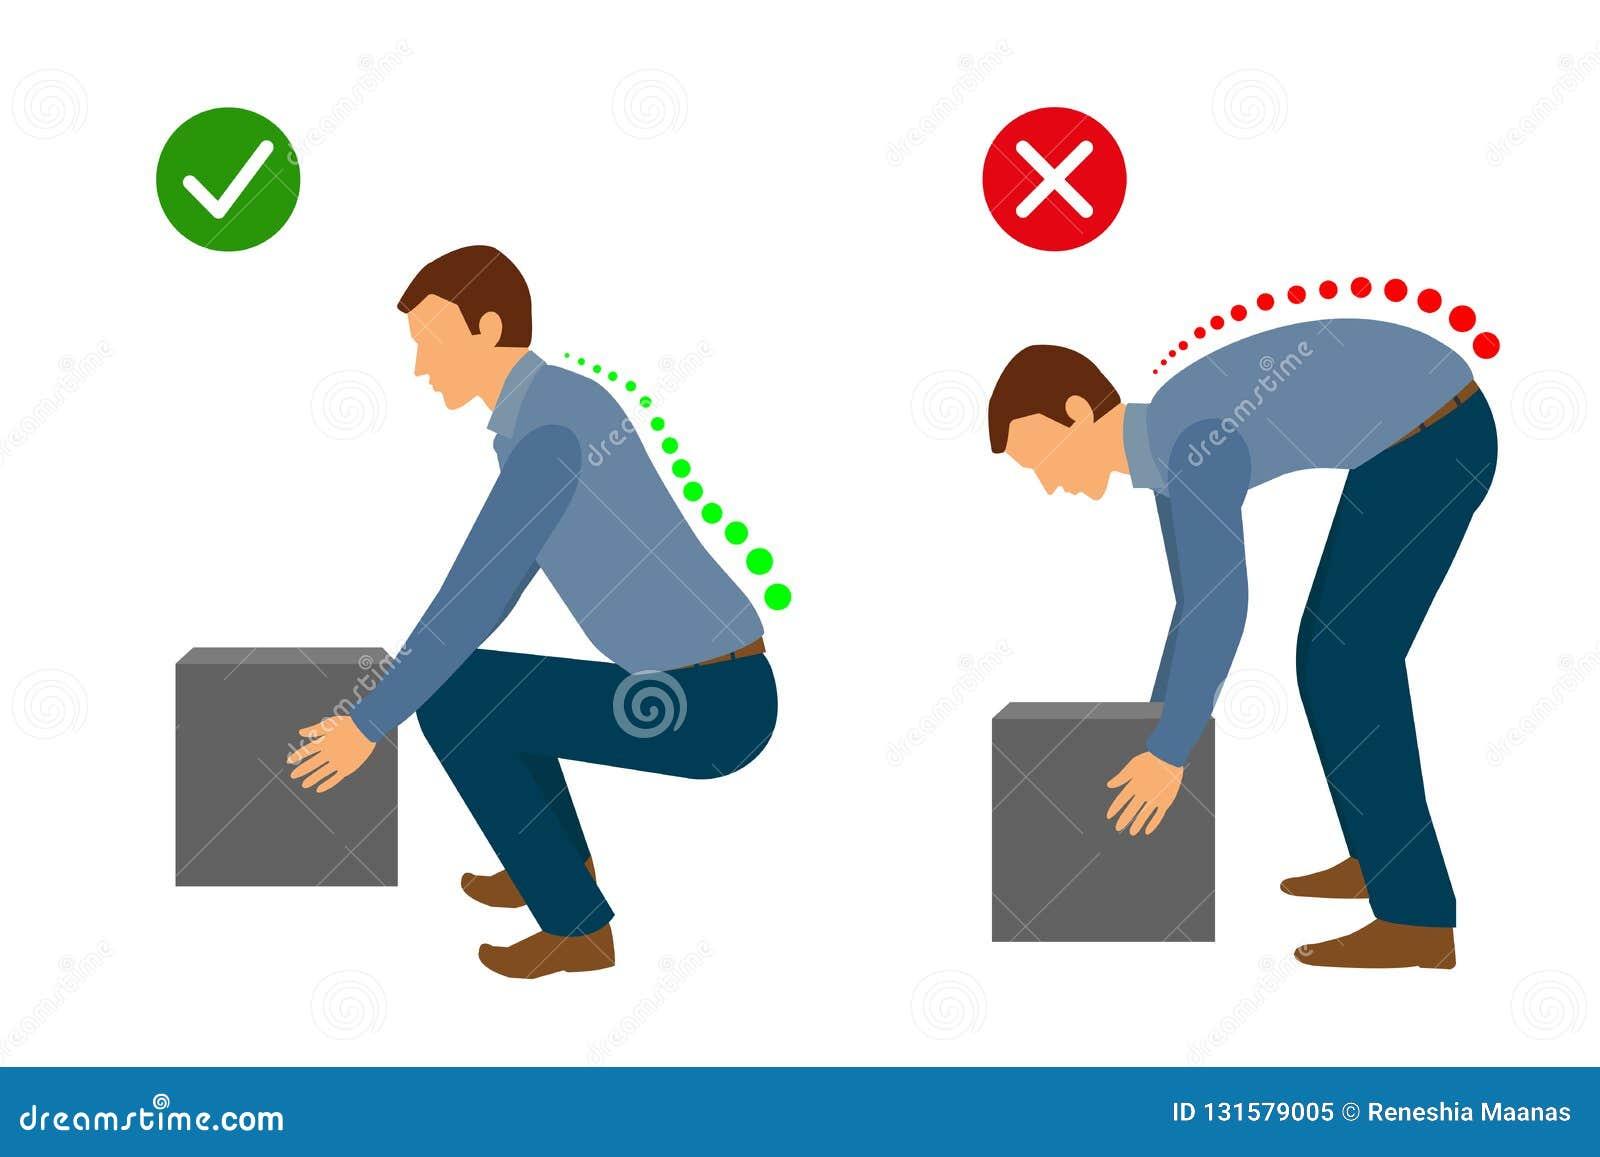 Ergonomico - posizione corretta per sollevare un oggetto pesante